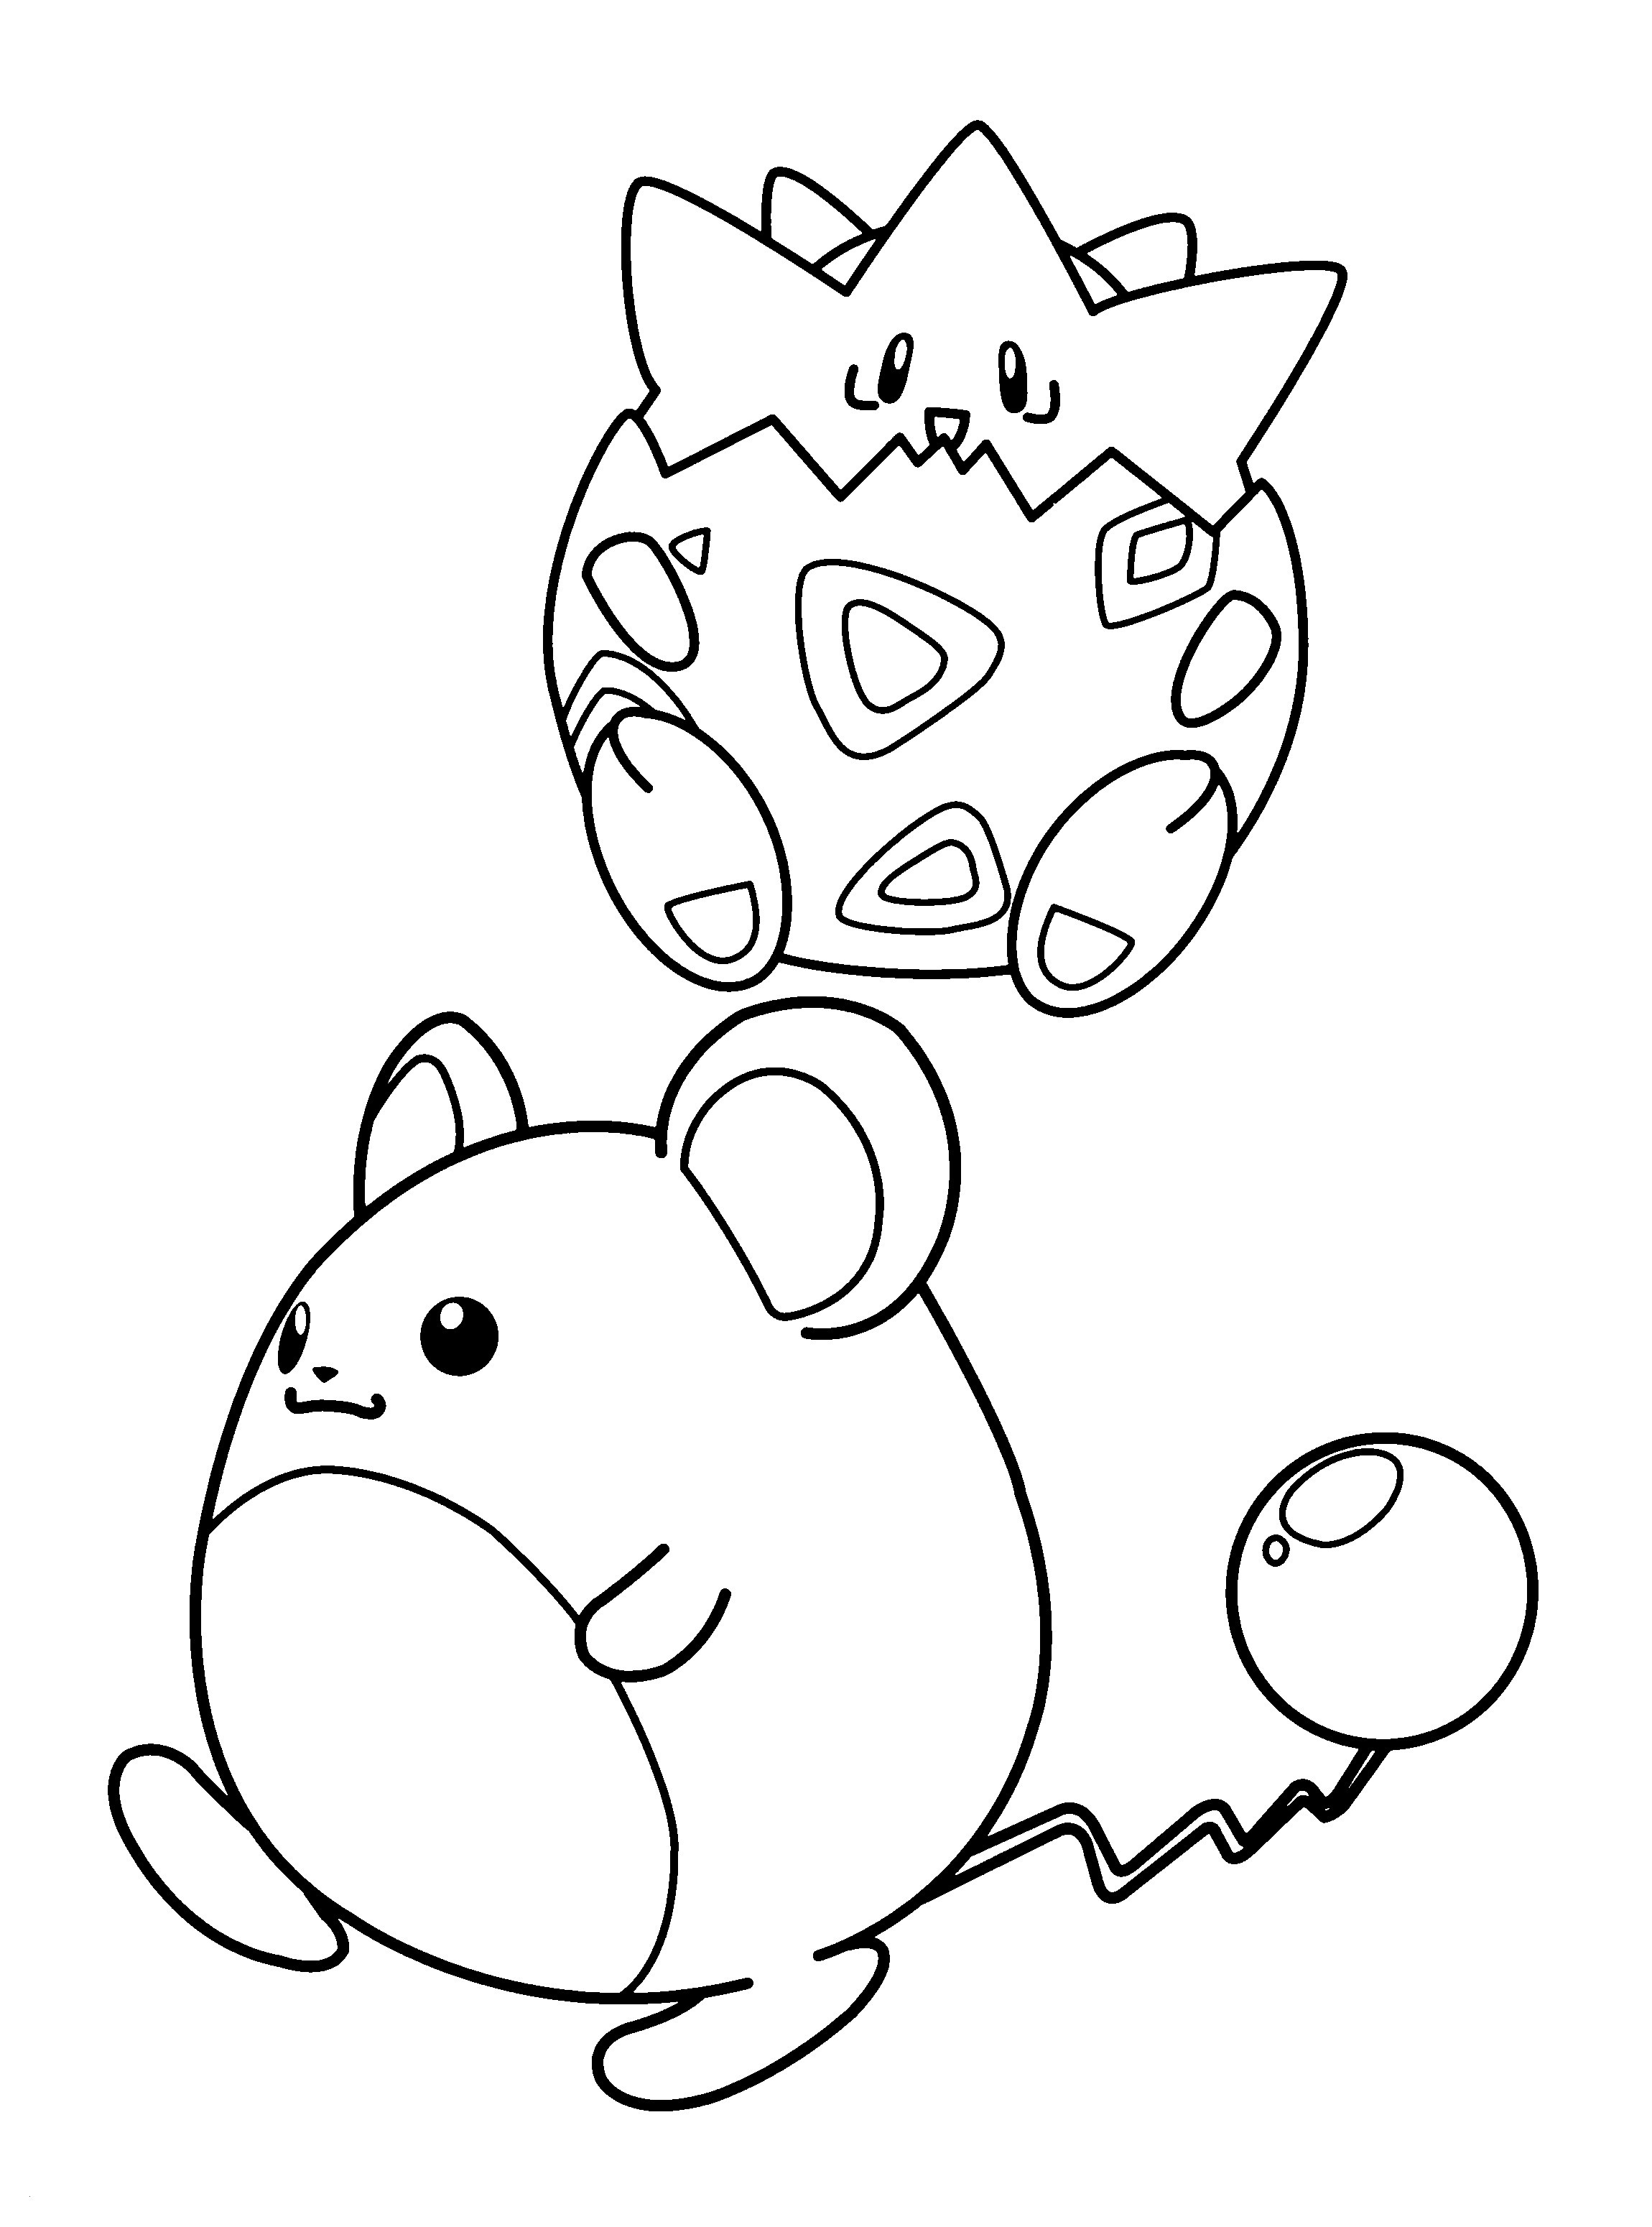 Shaun Das Schaf Ausmalbild Neu Pokemon Ausmalbilder Neu Pokemon Ausmalbilder Zum Ausdrucken Galerie